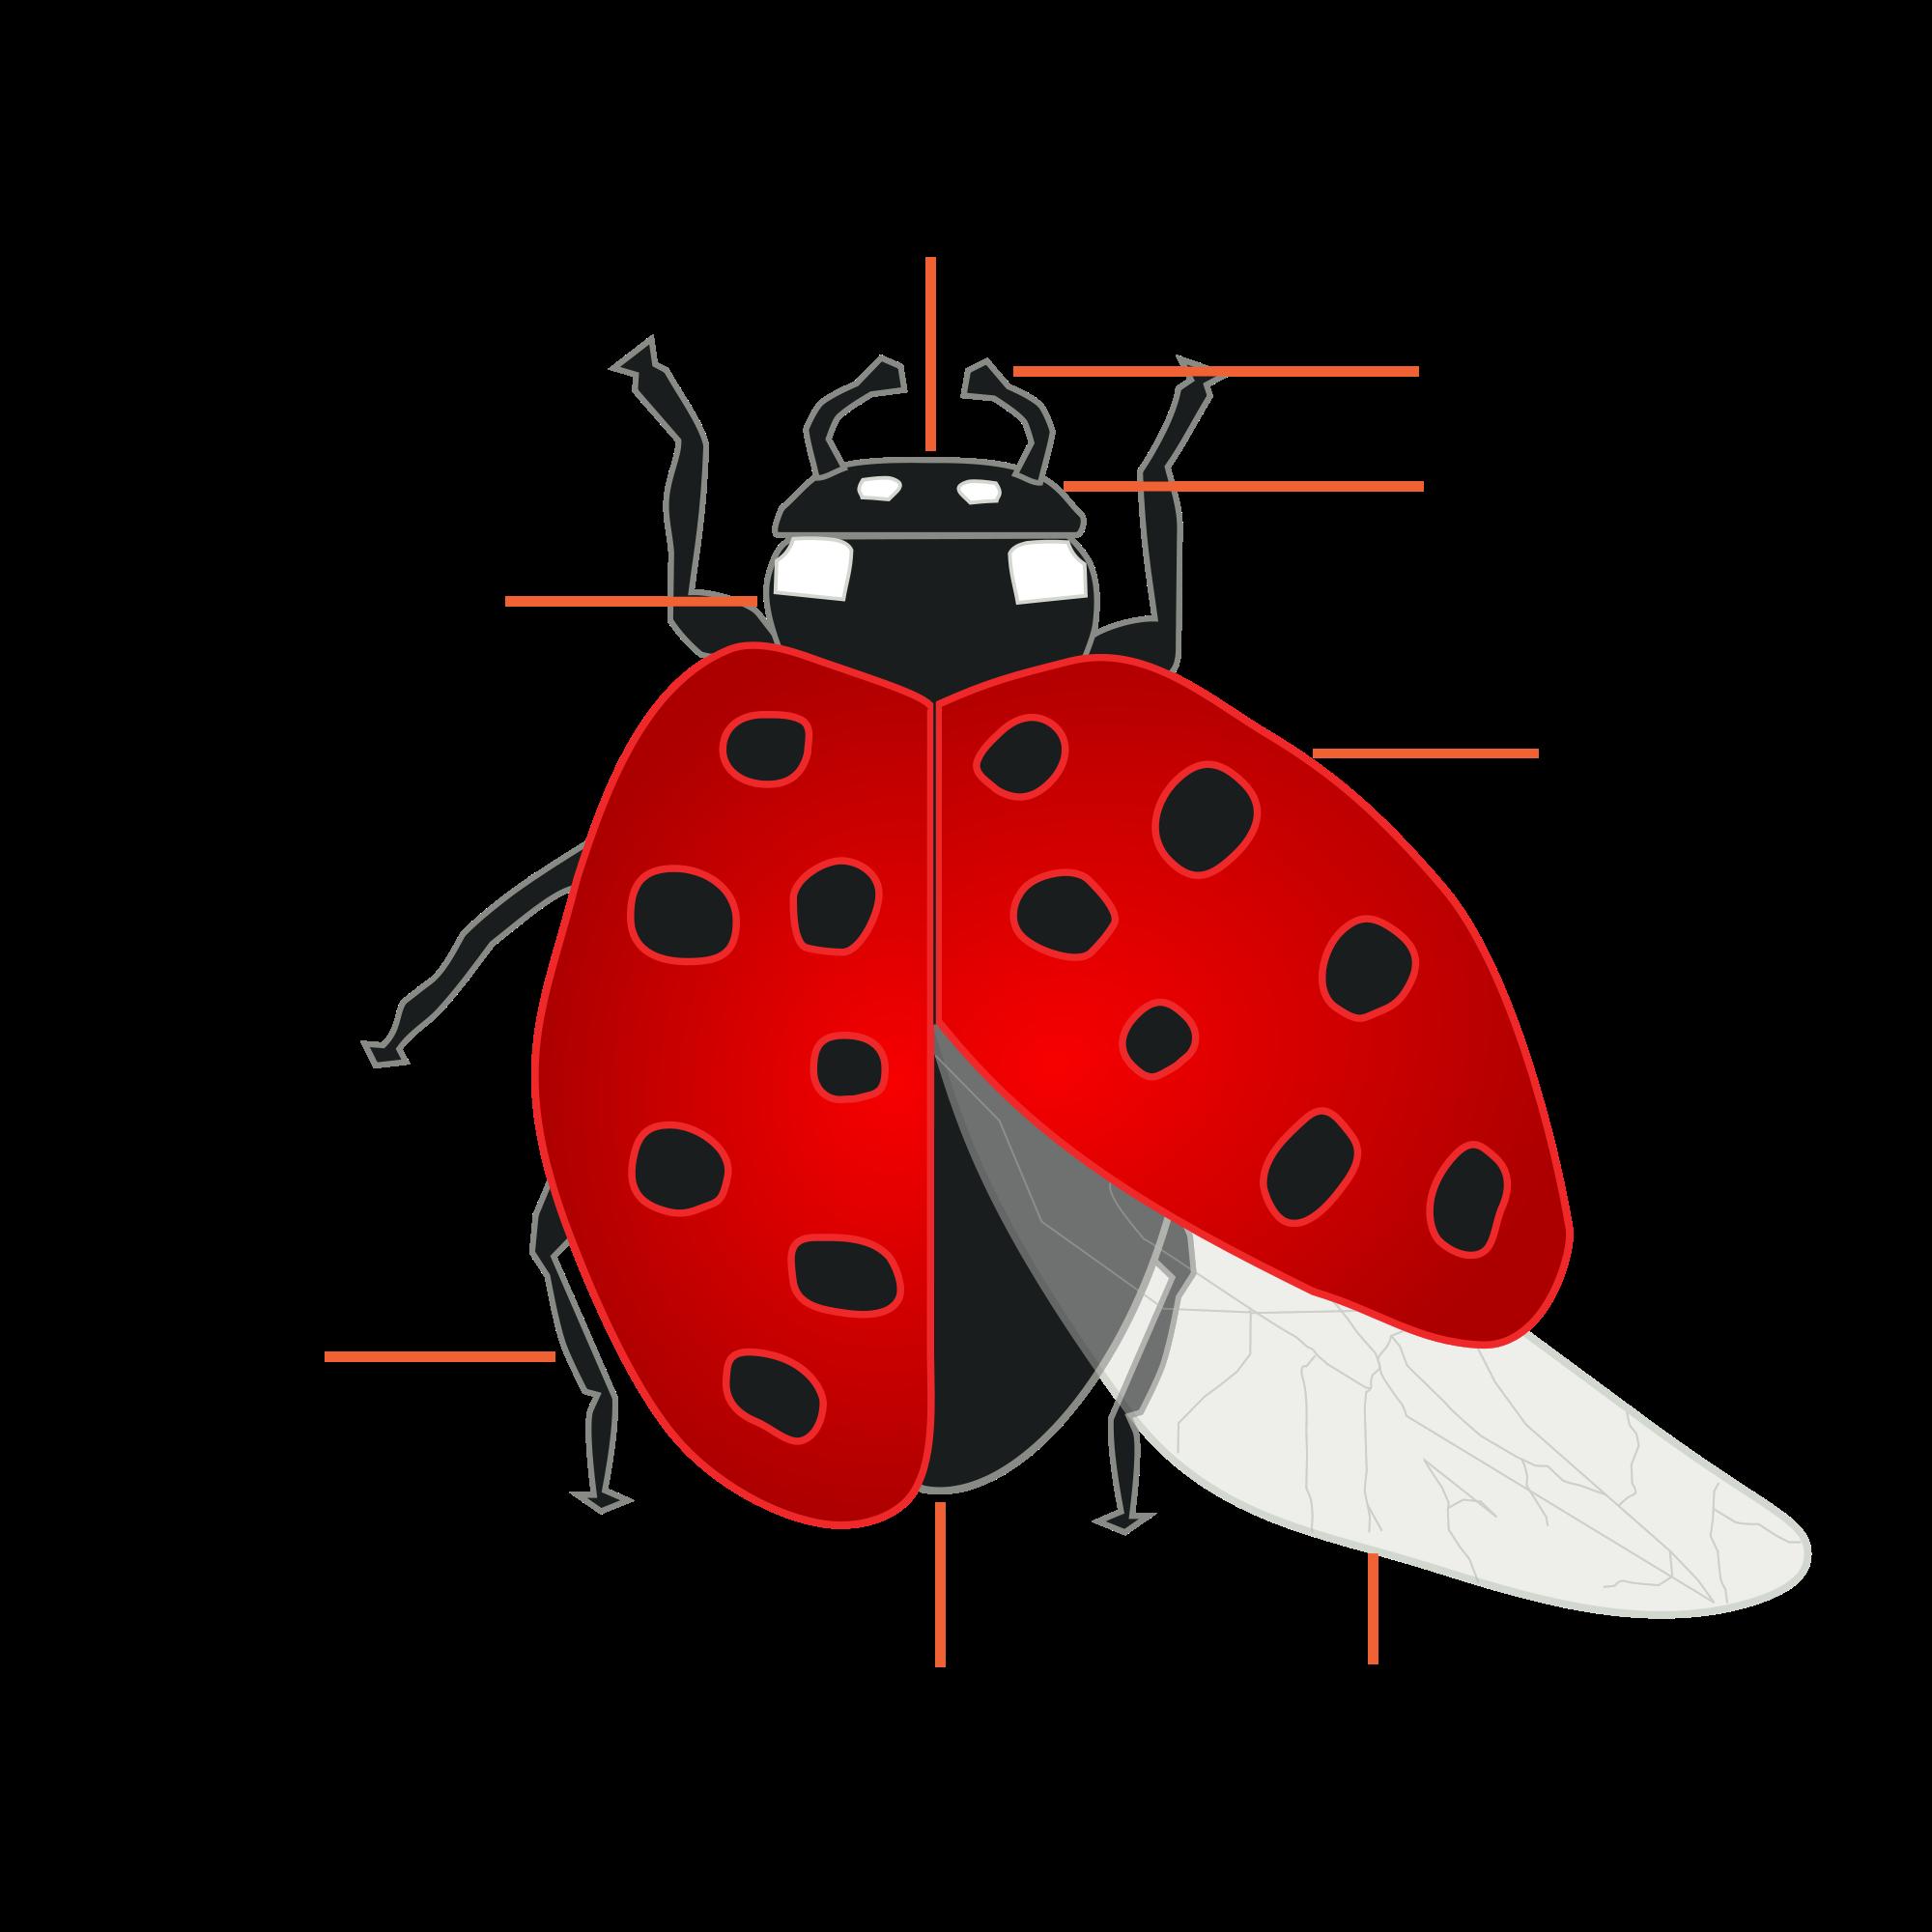 Ladybugs clipart cycle. Ladybug life kids growing